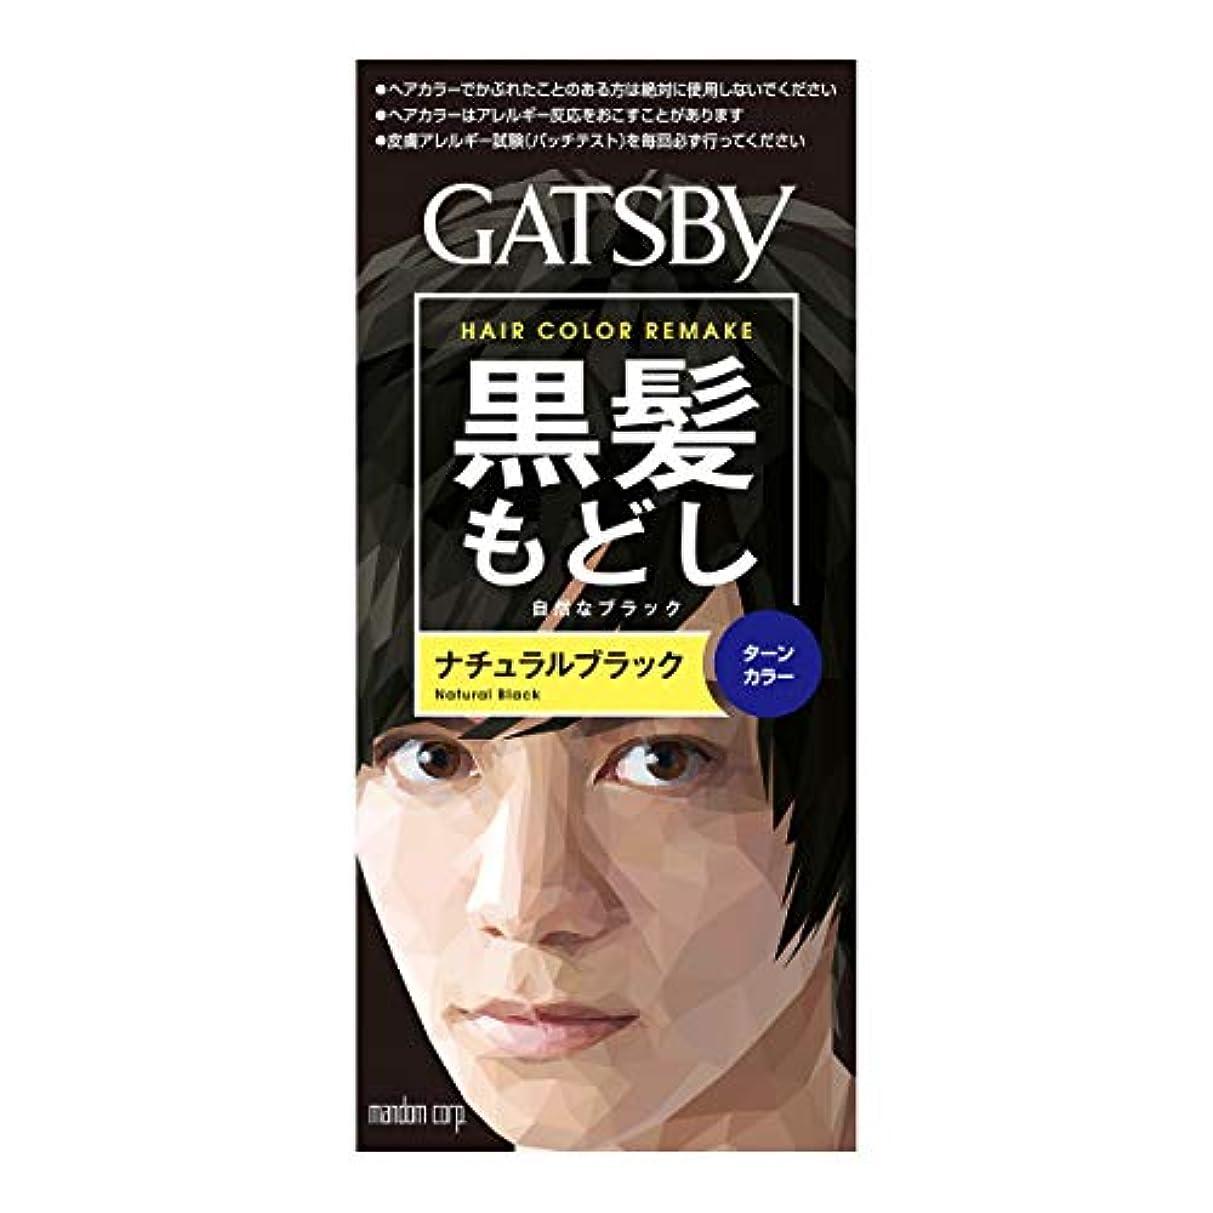 タイプ第五言い直すGATSBY(ギャツビー) ターンカラー ナチュラルブラック 1剤35g 2剤70mL (医薬部外品)